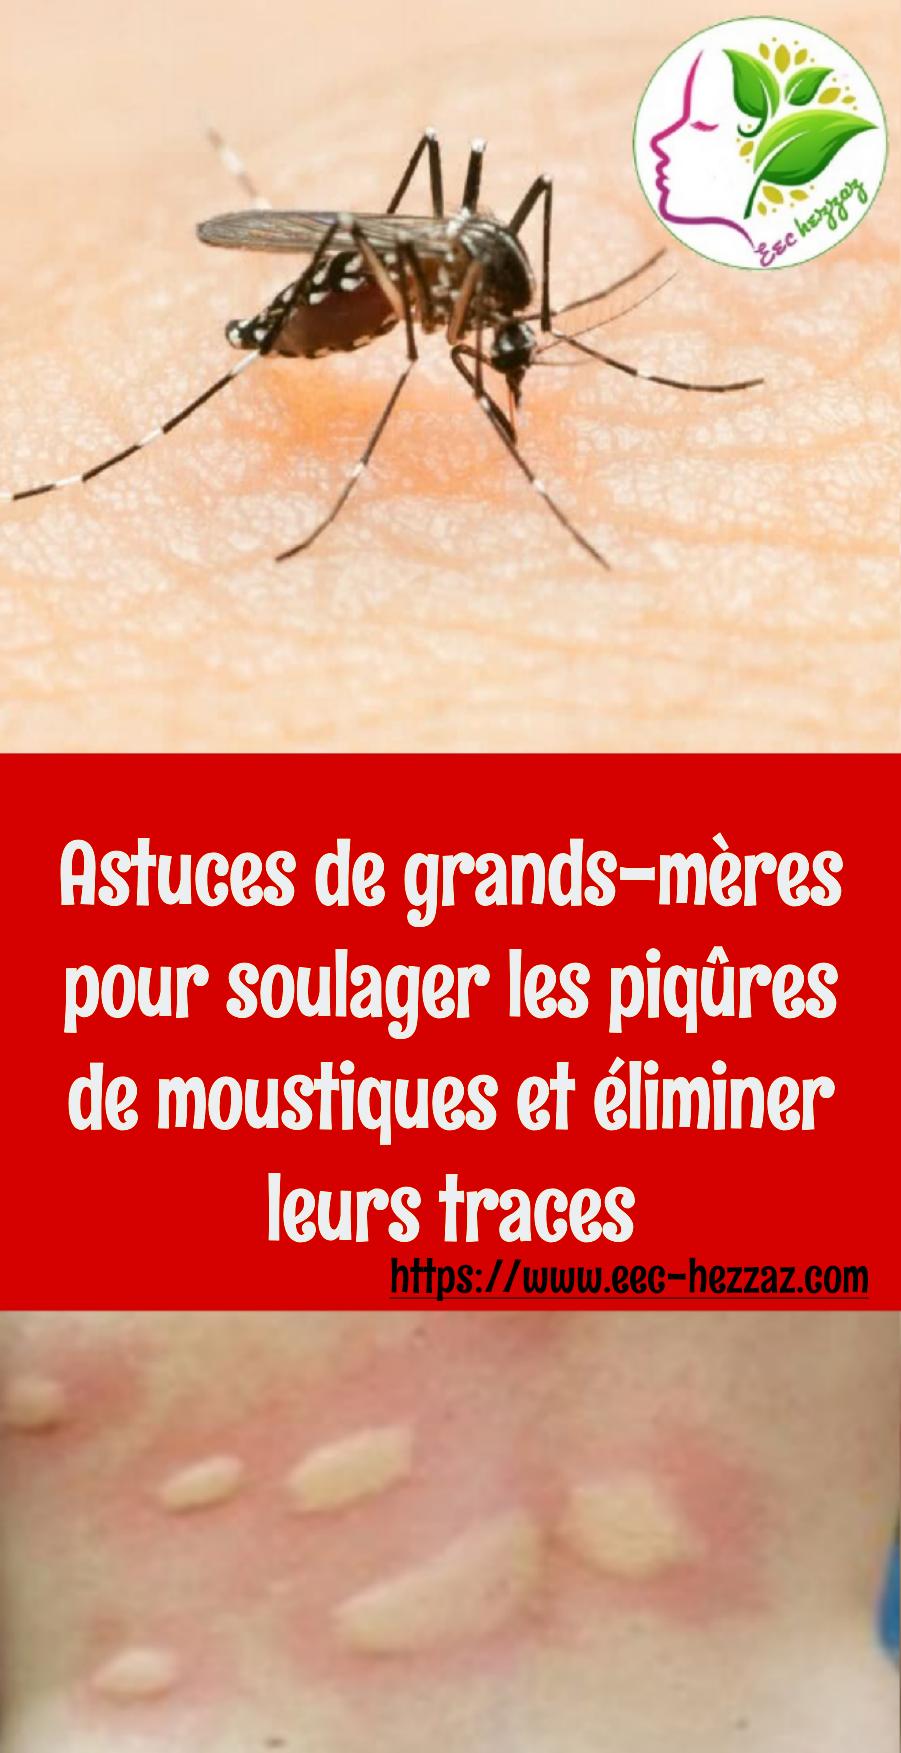 Astuces de grands-mères pour soulager les piqûres de moustiques et éliminer leurs traces